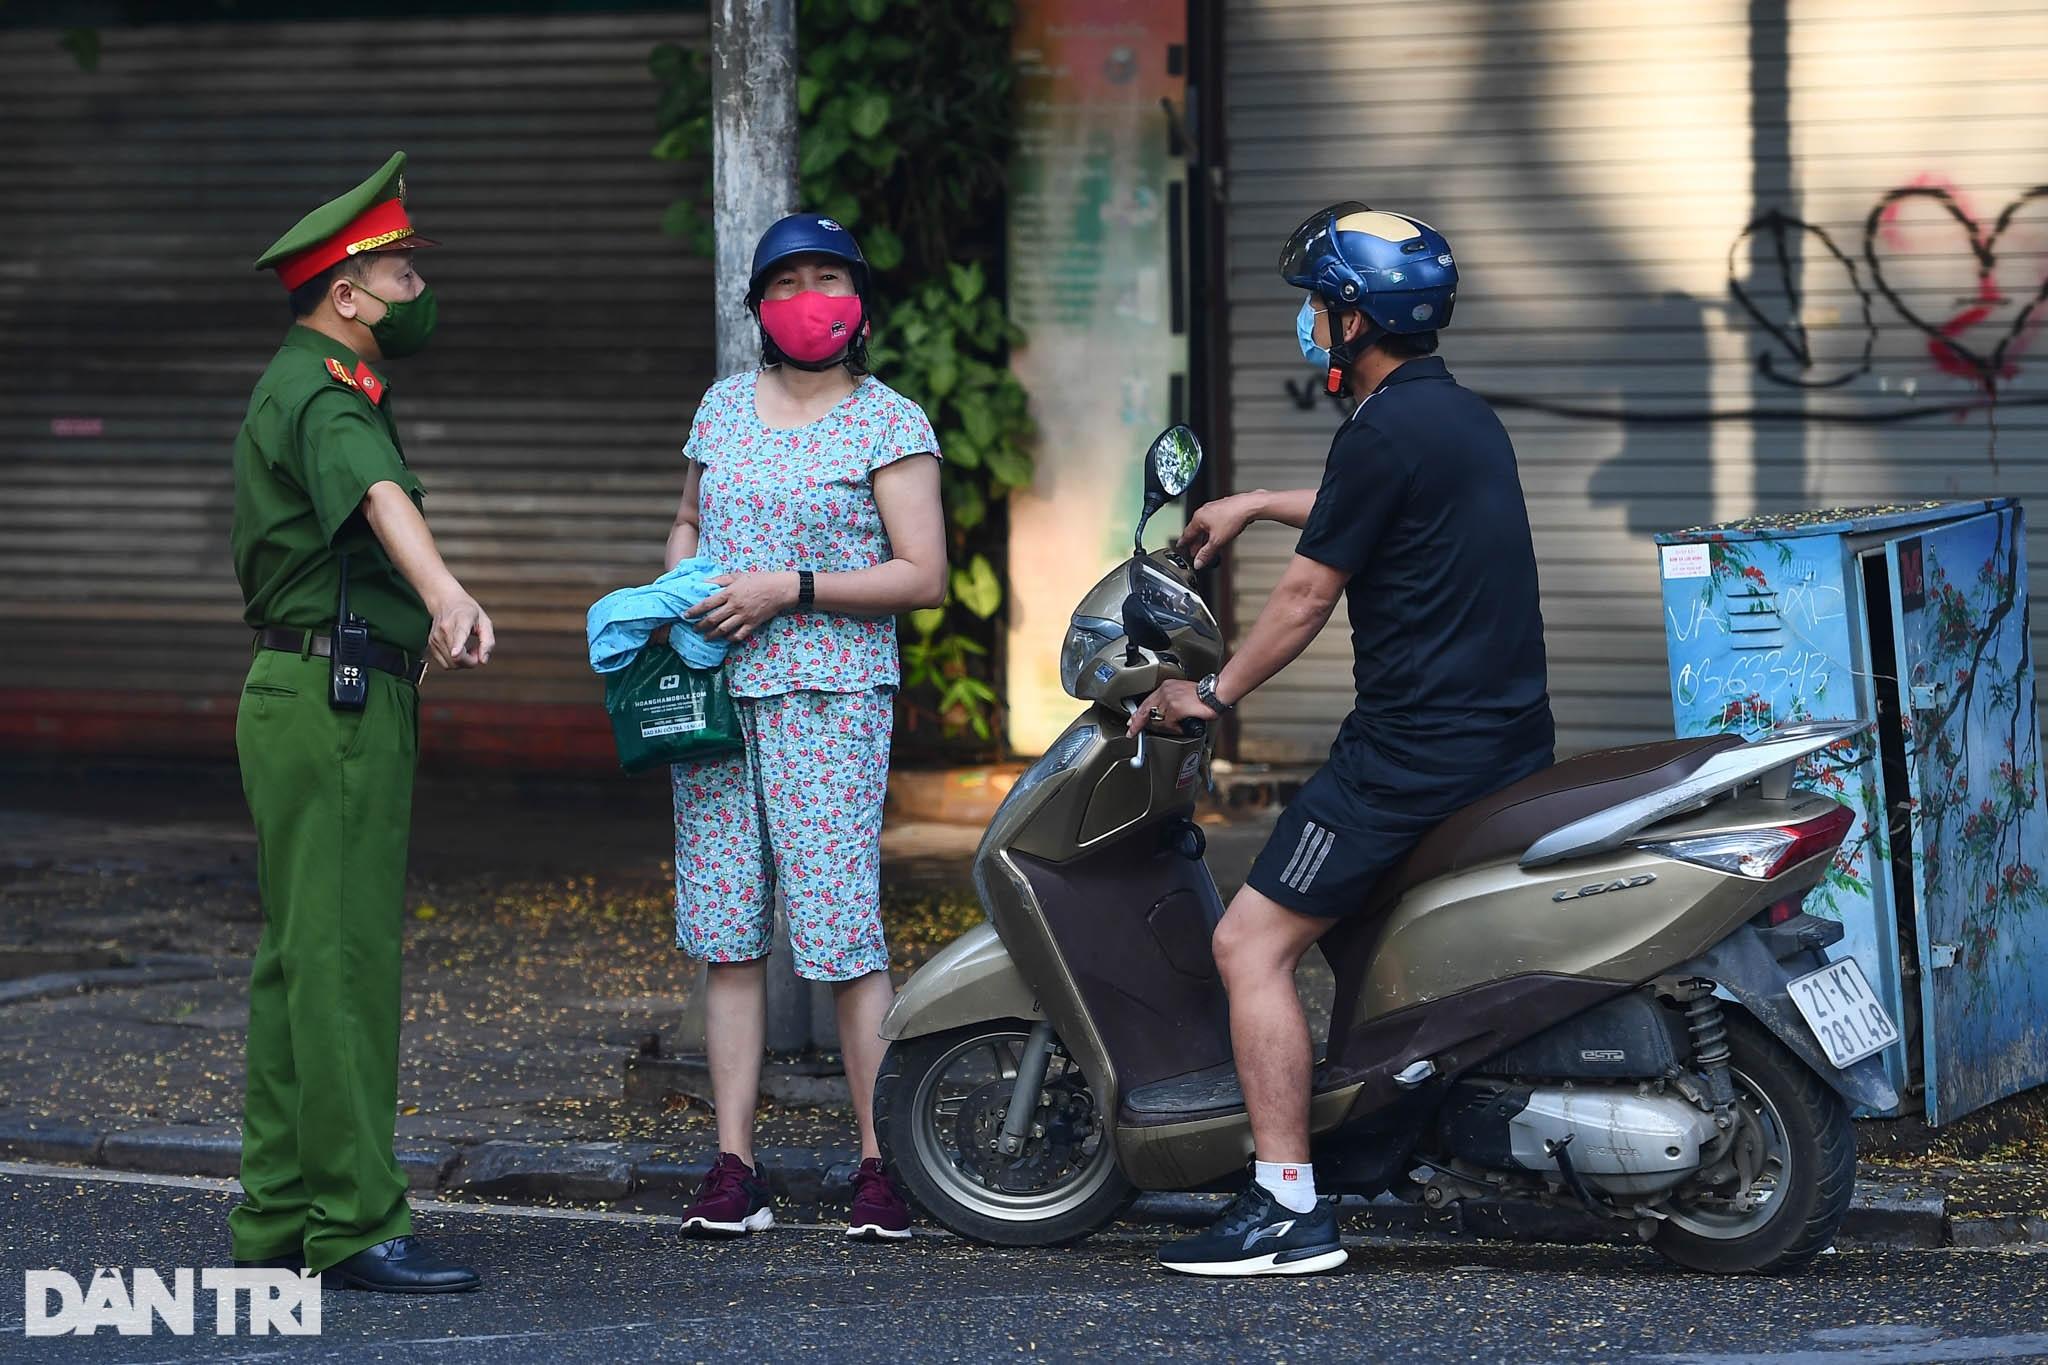 Hà Nội ngày đầu thực hiện Chỉ thị 16: Đường phố vắng, chợ dân sinh đông đúc - 5